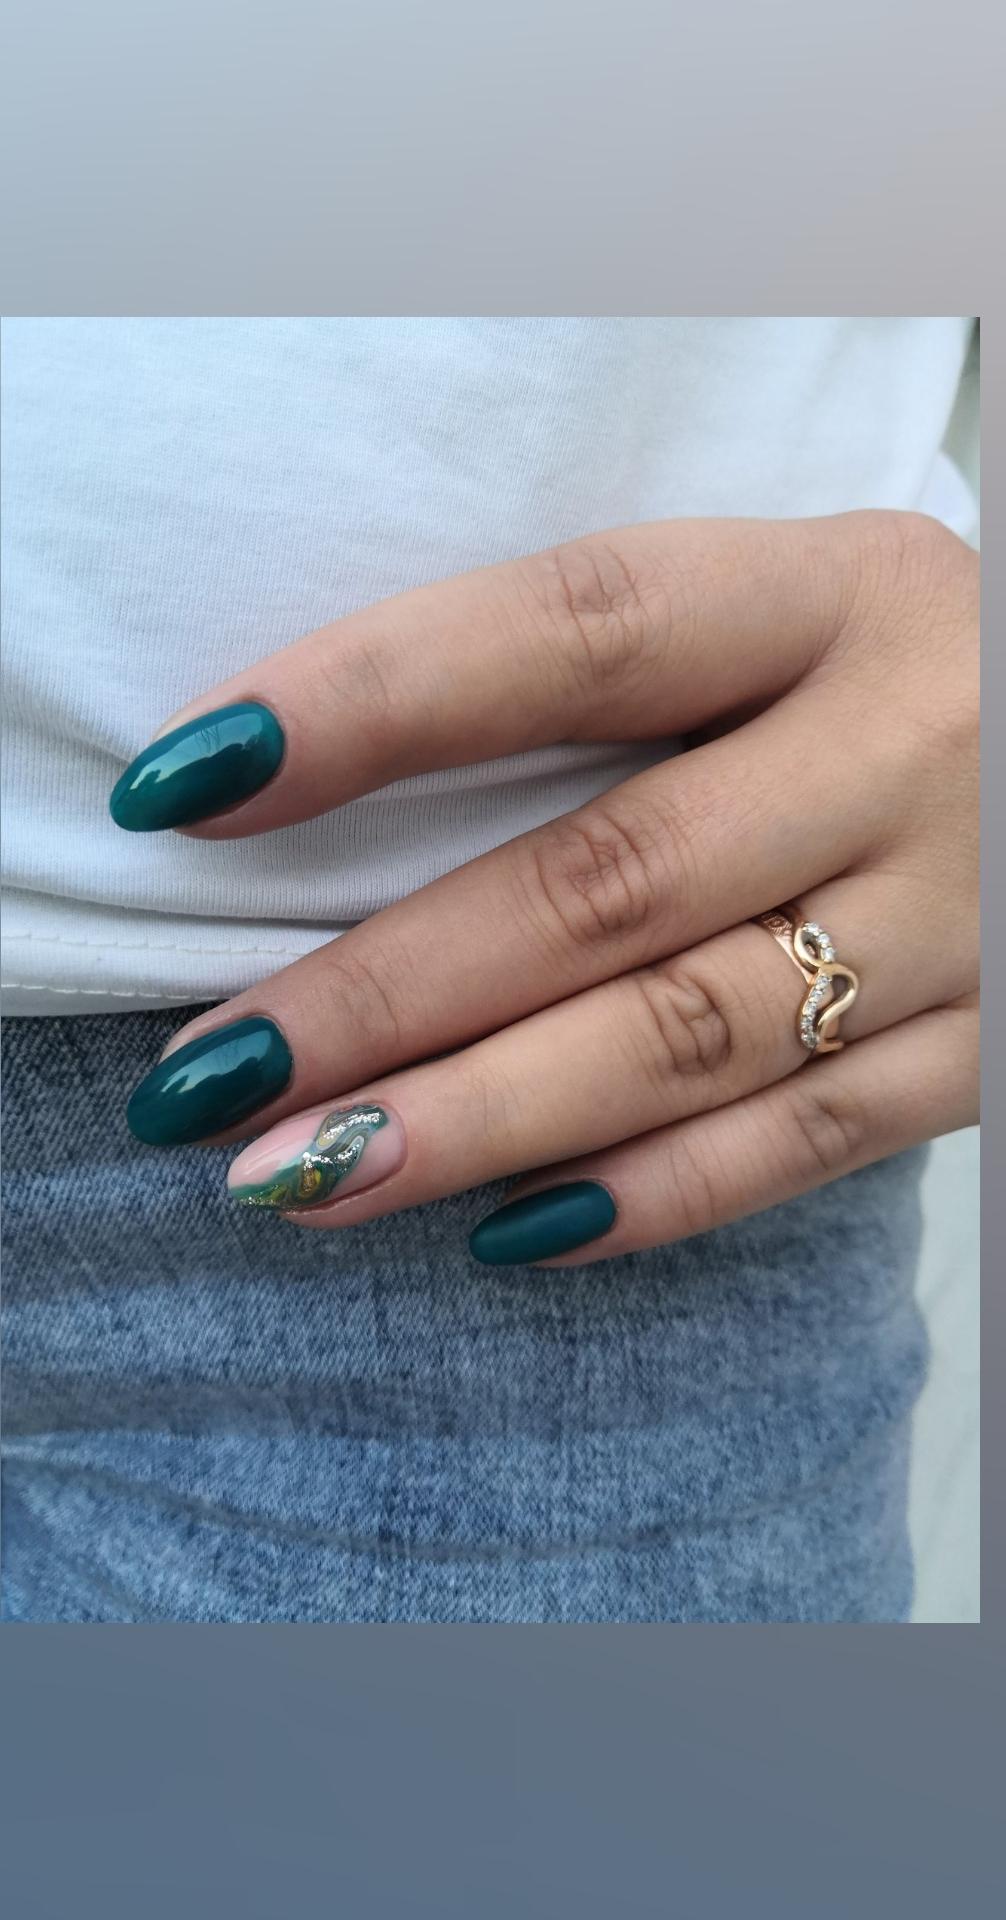 Маникюр с морским дизайном в темно-зеленом цвете на длинные ногти.